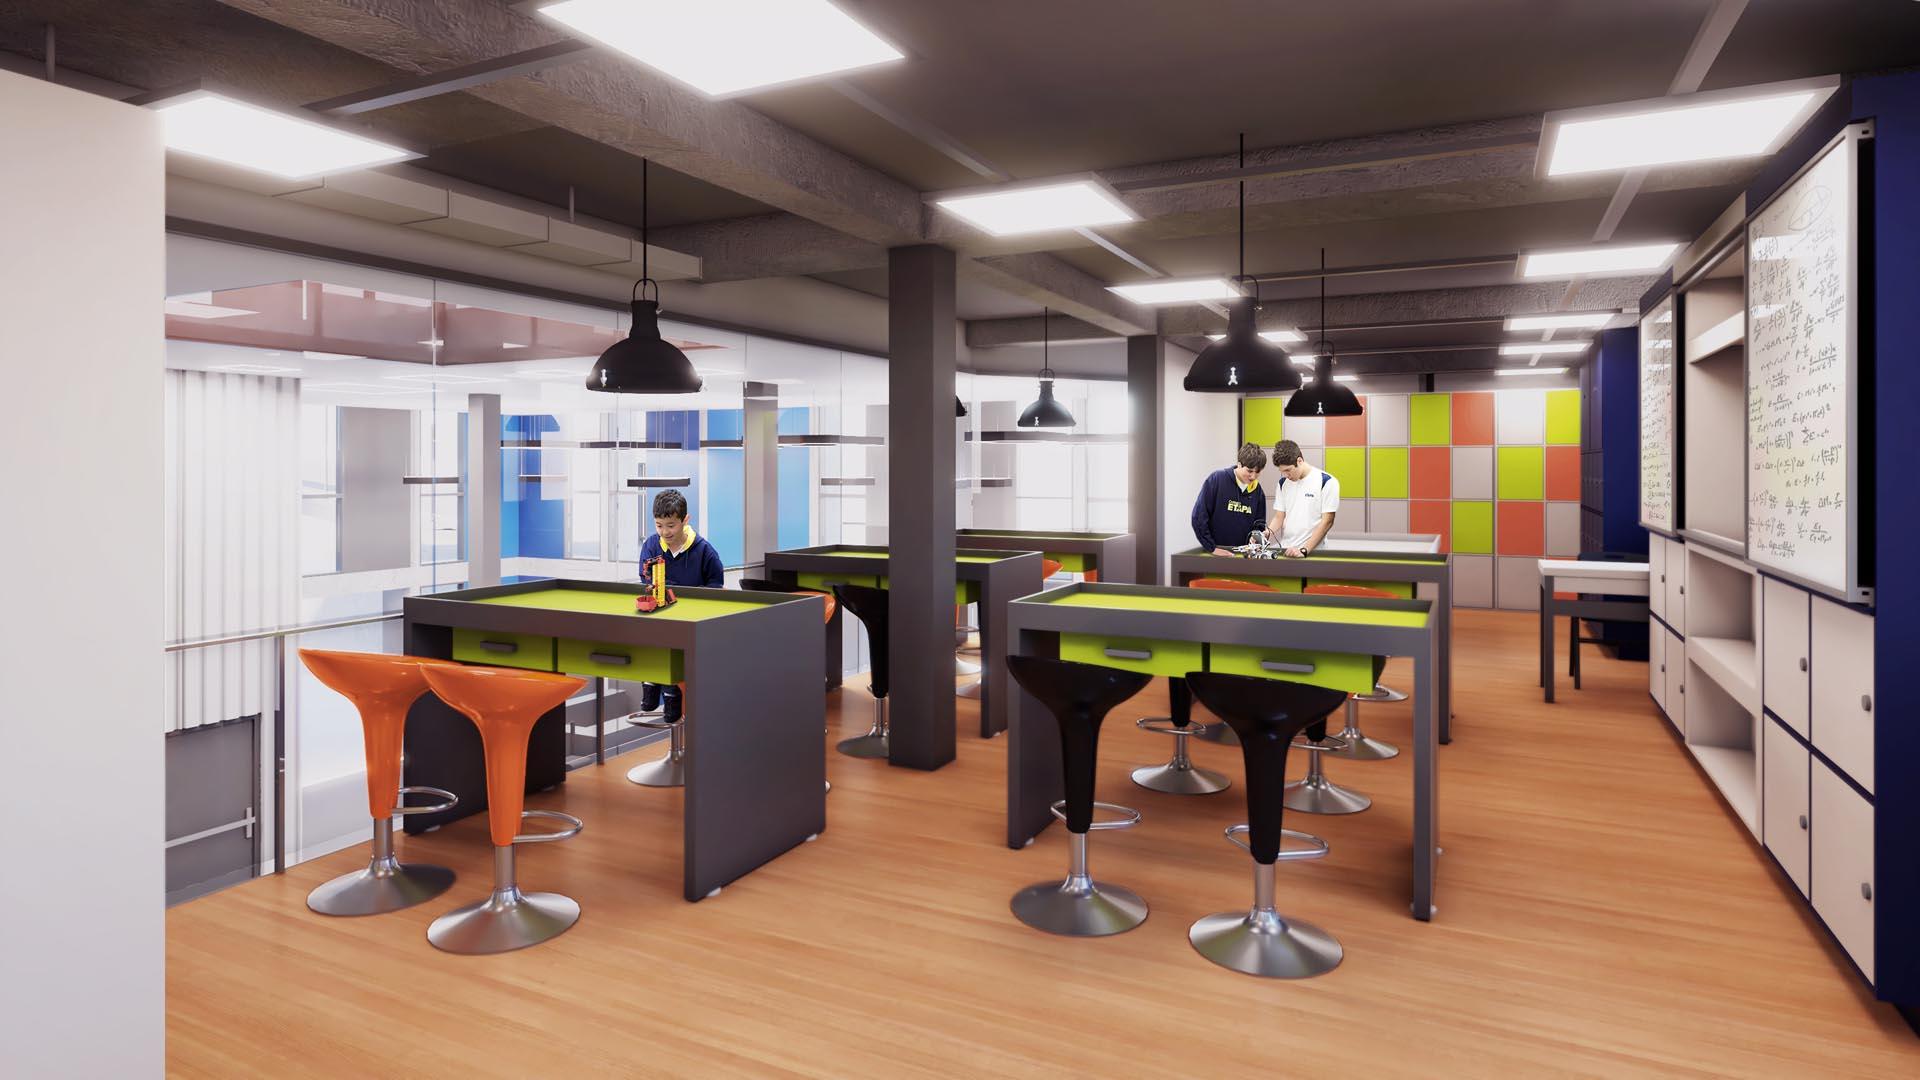 Sala de Robótica - Nova unidade do Colégio Etapa